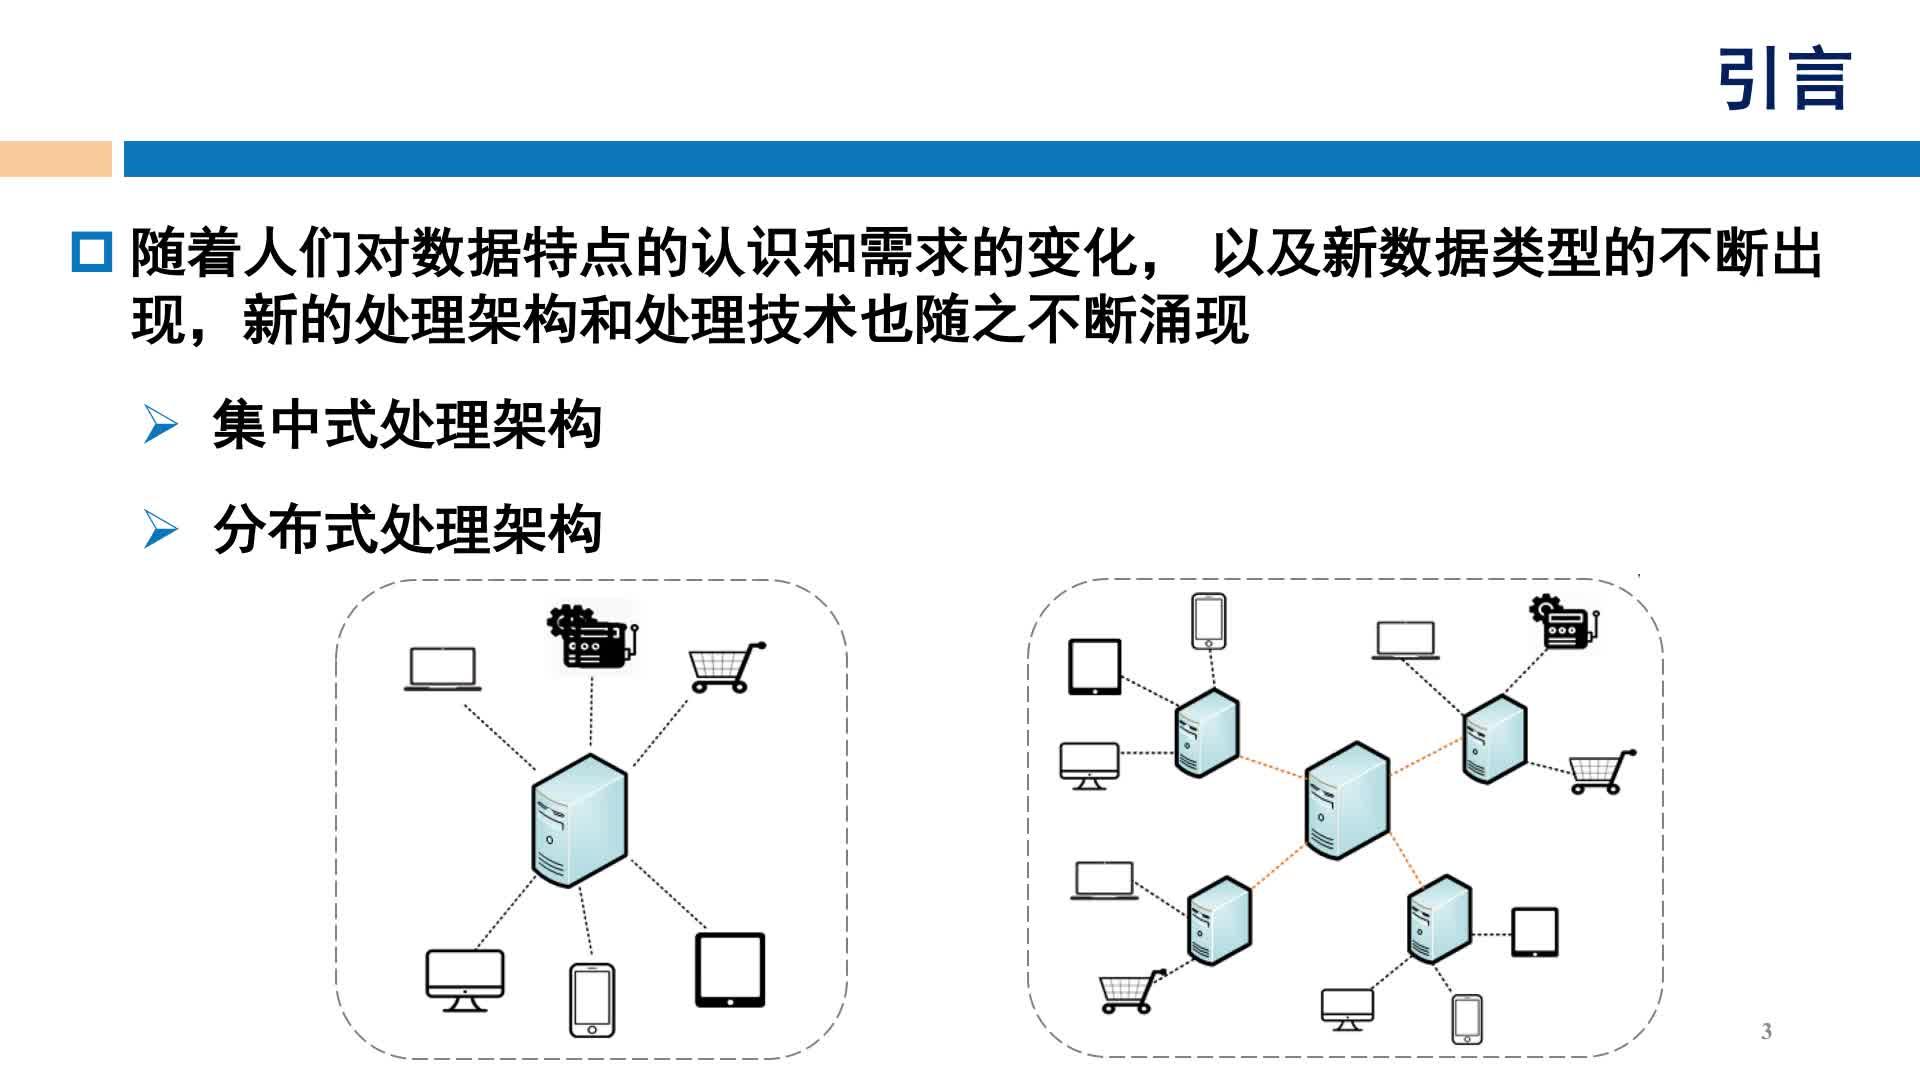 北京理工大学慕课——张美慧、车海莺:大数据处理(一)